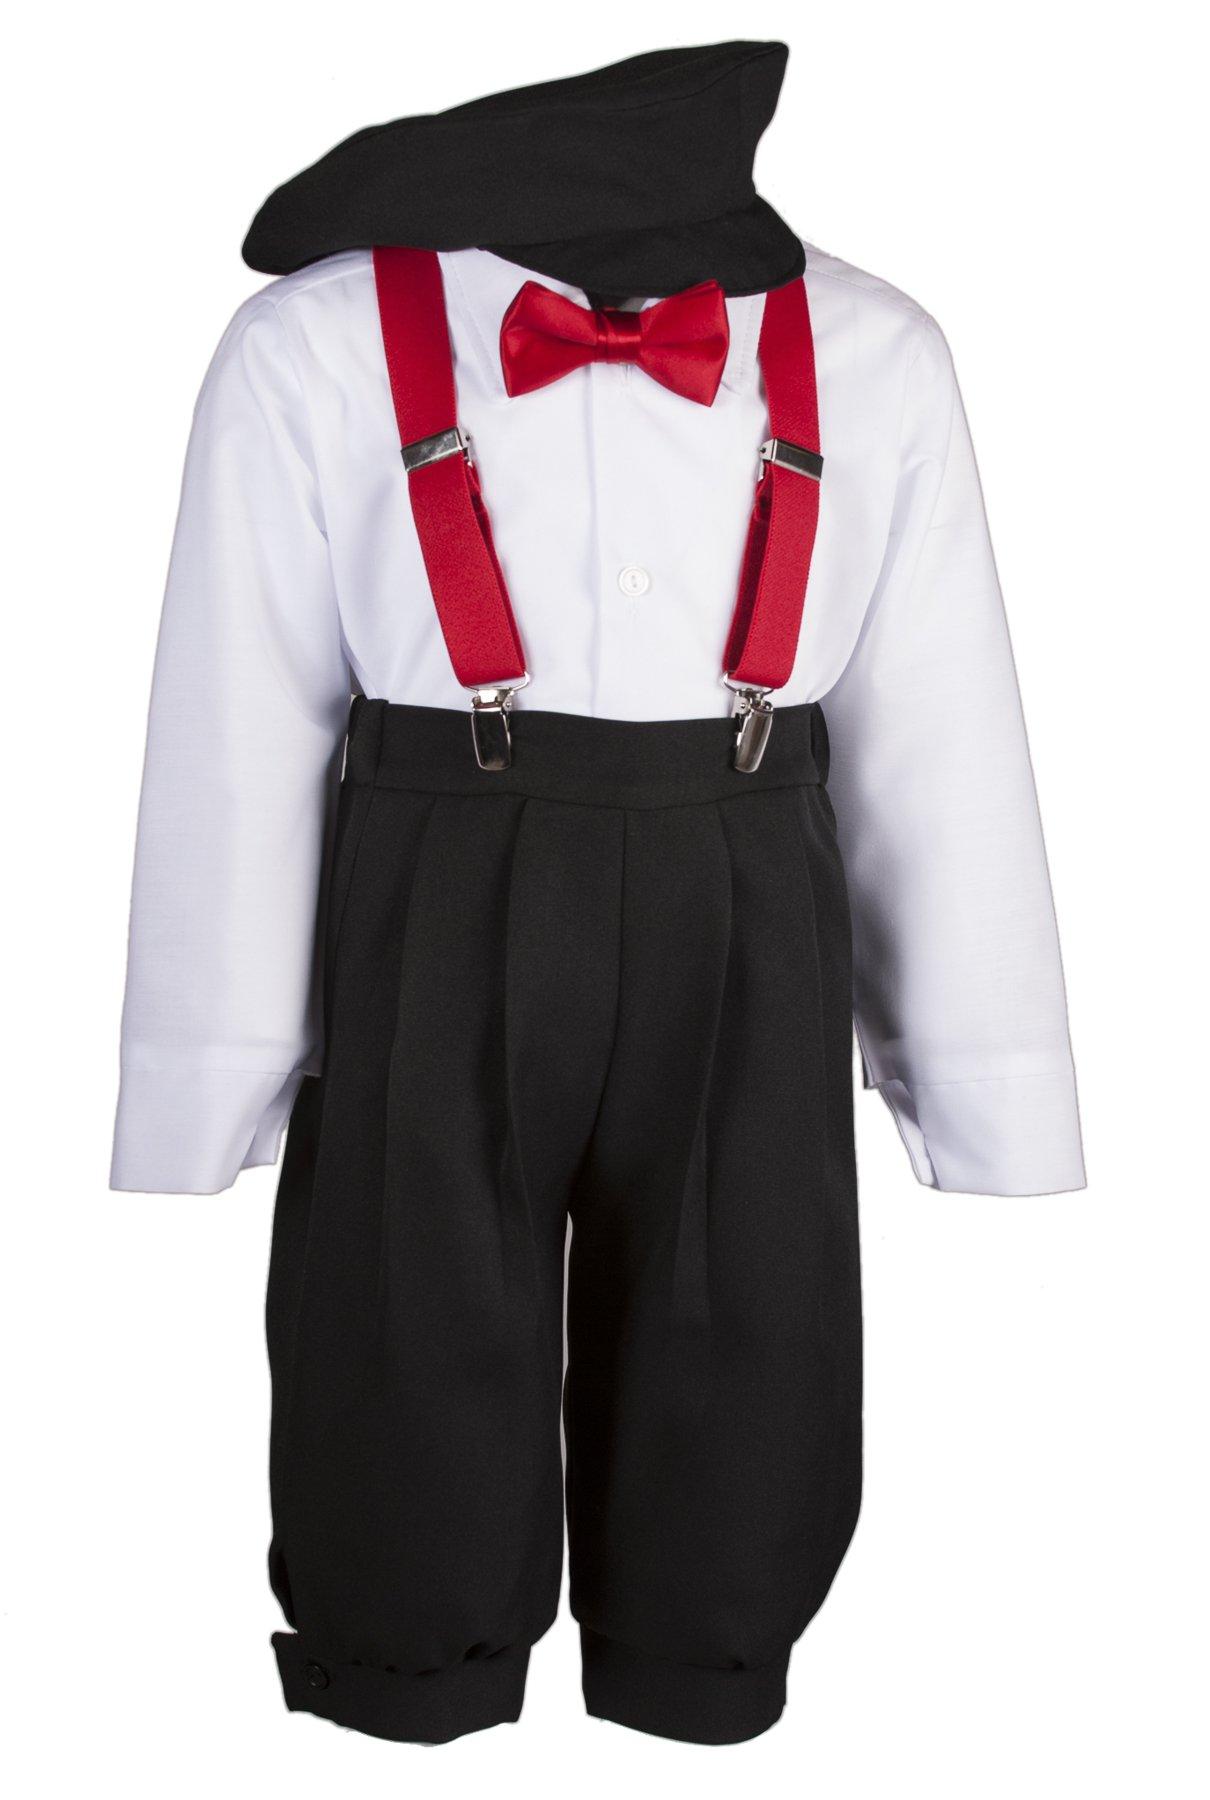 Boys Black Knickers Set Pageboy Cap Red Suspenders & Bow Tie (4 Boys)